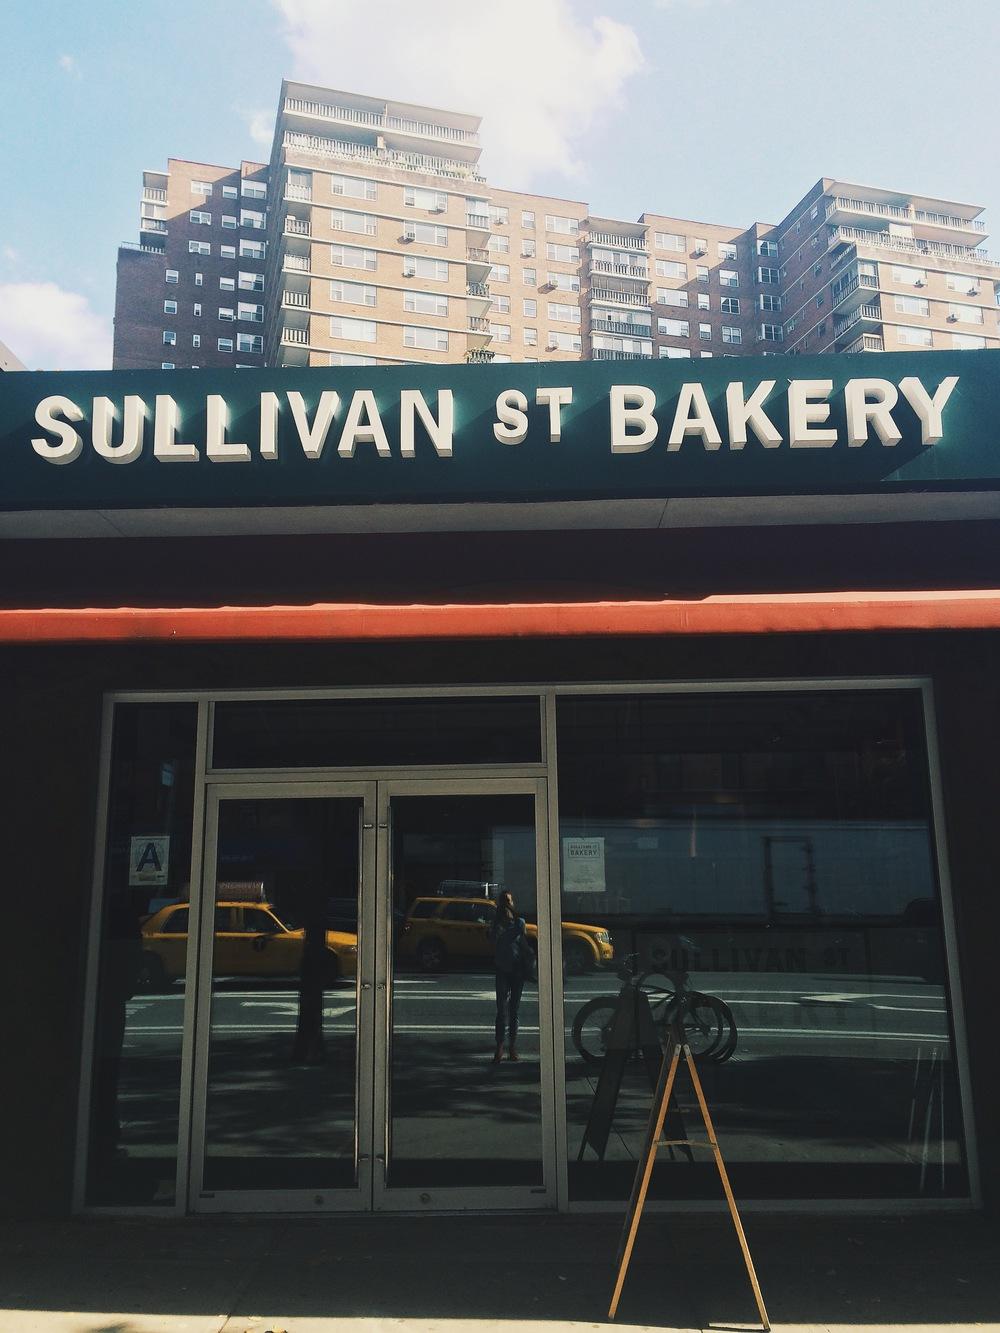 Sullivan St Bakery, NYC